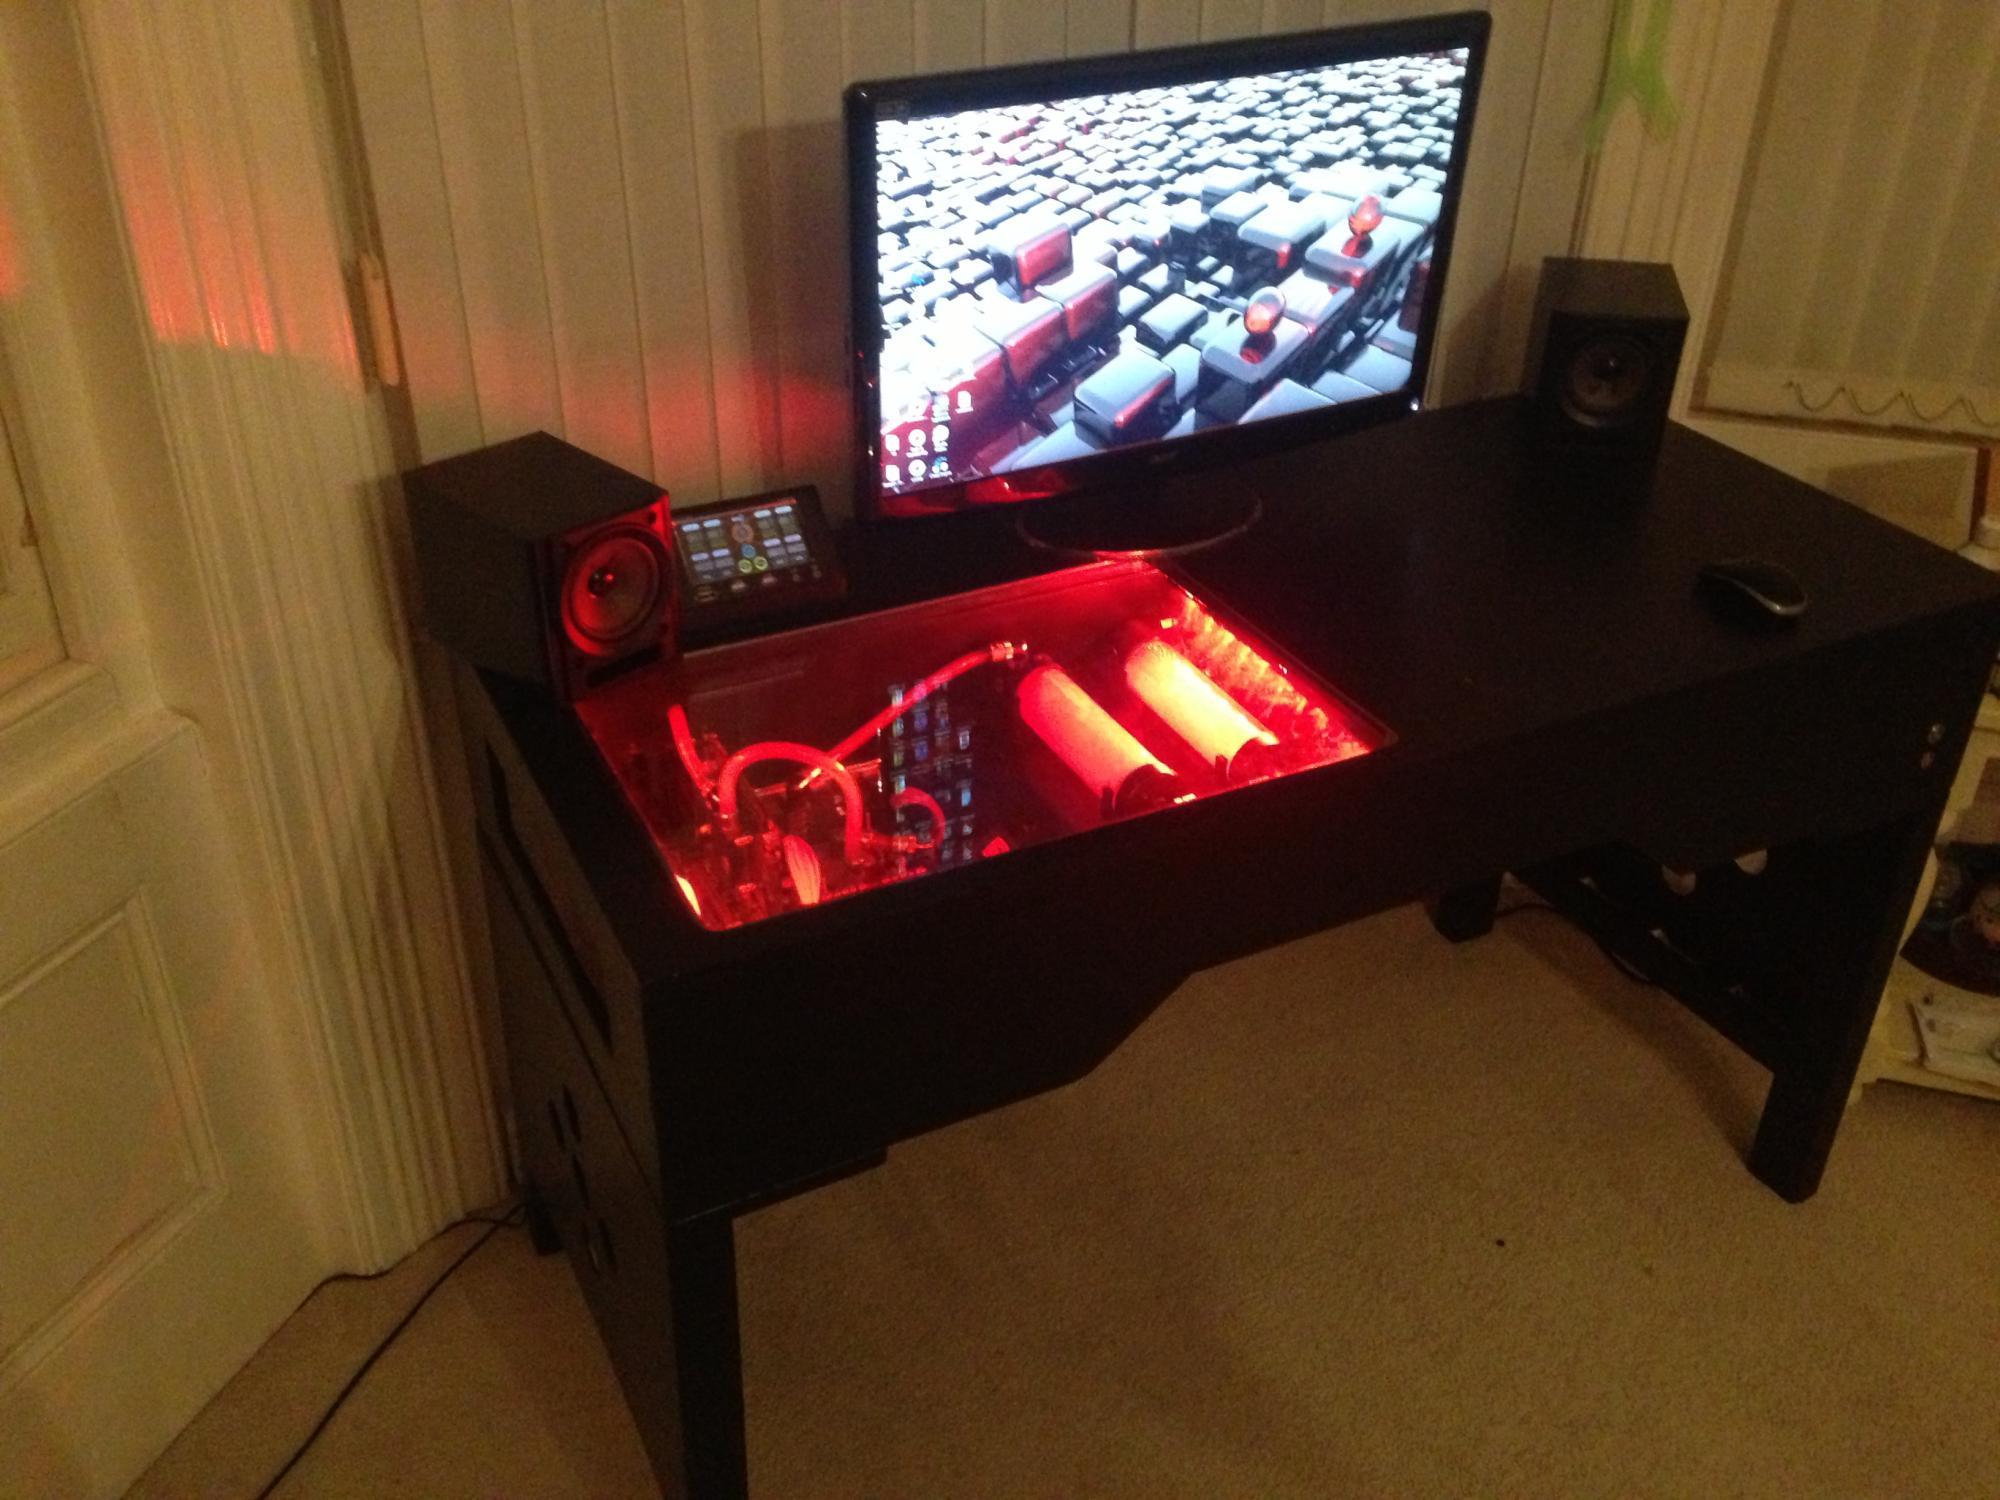 Unity Desk Megagames